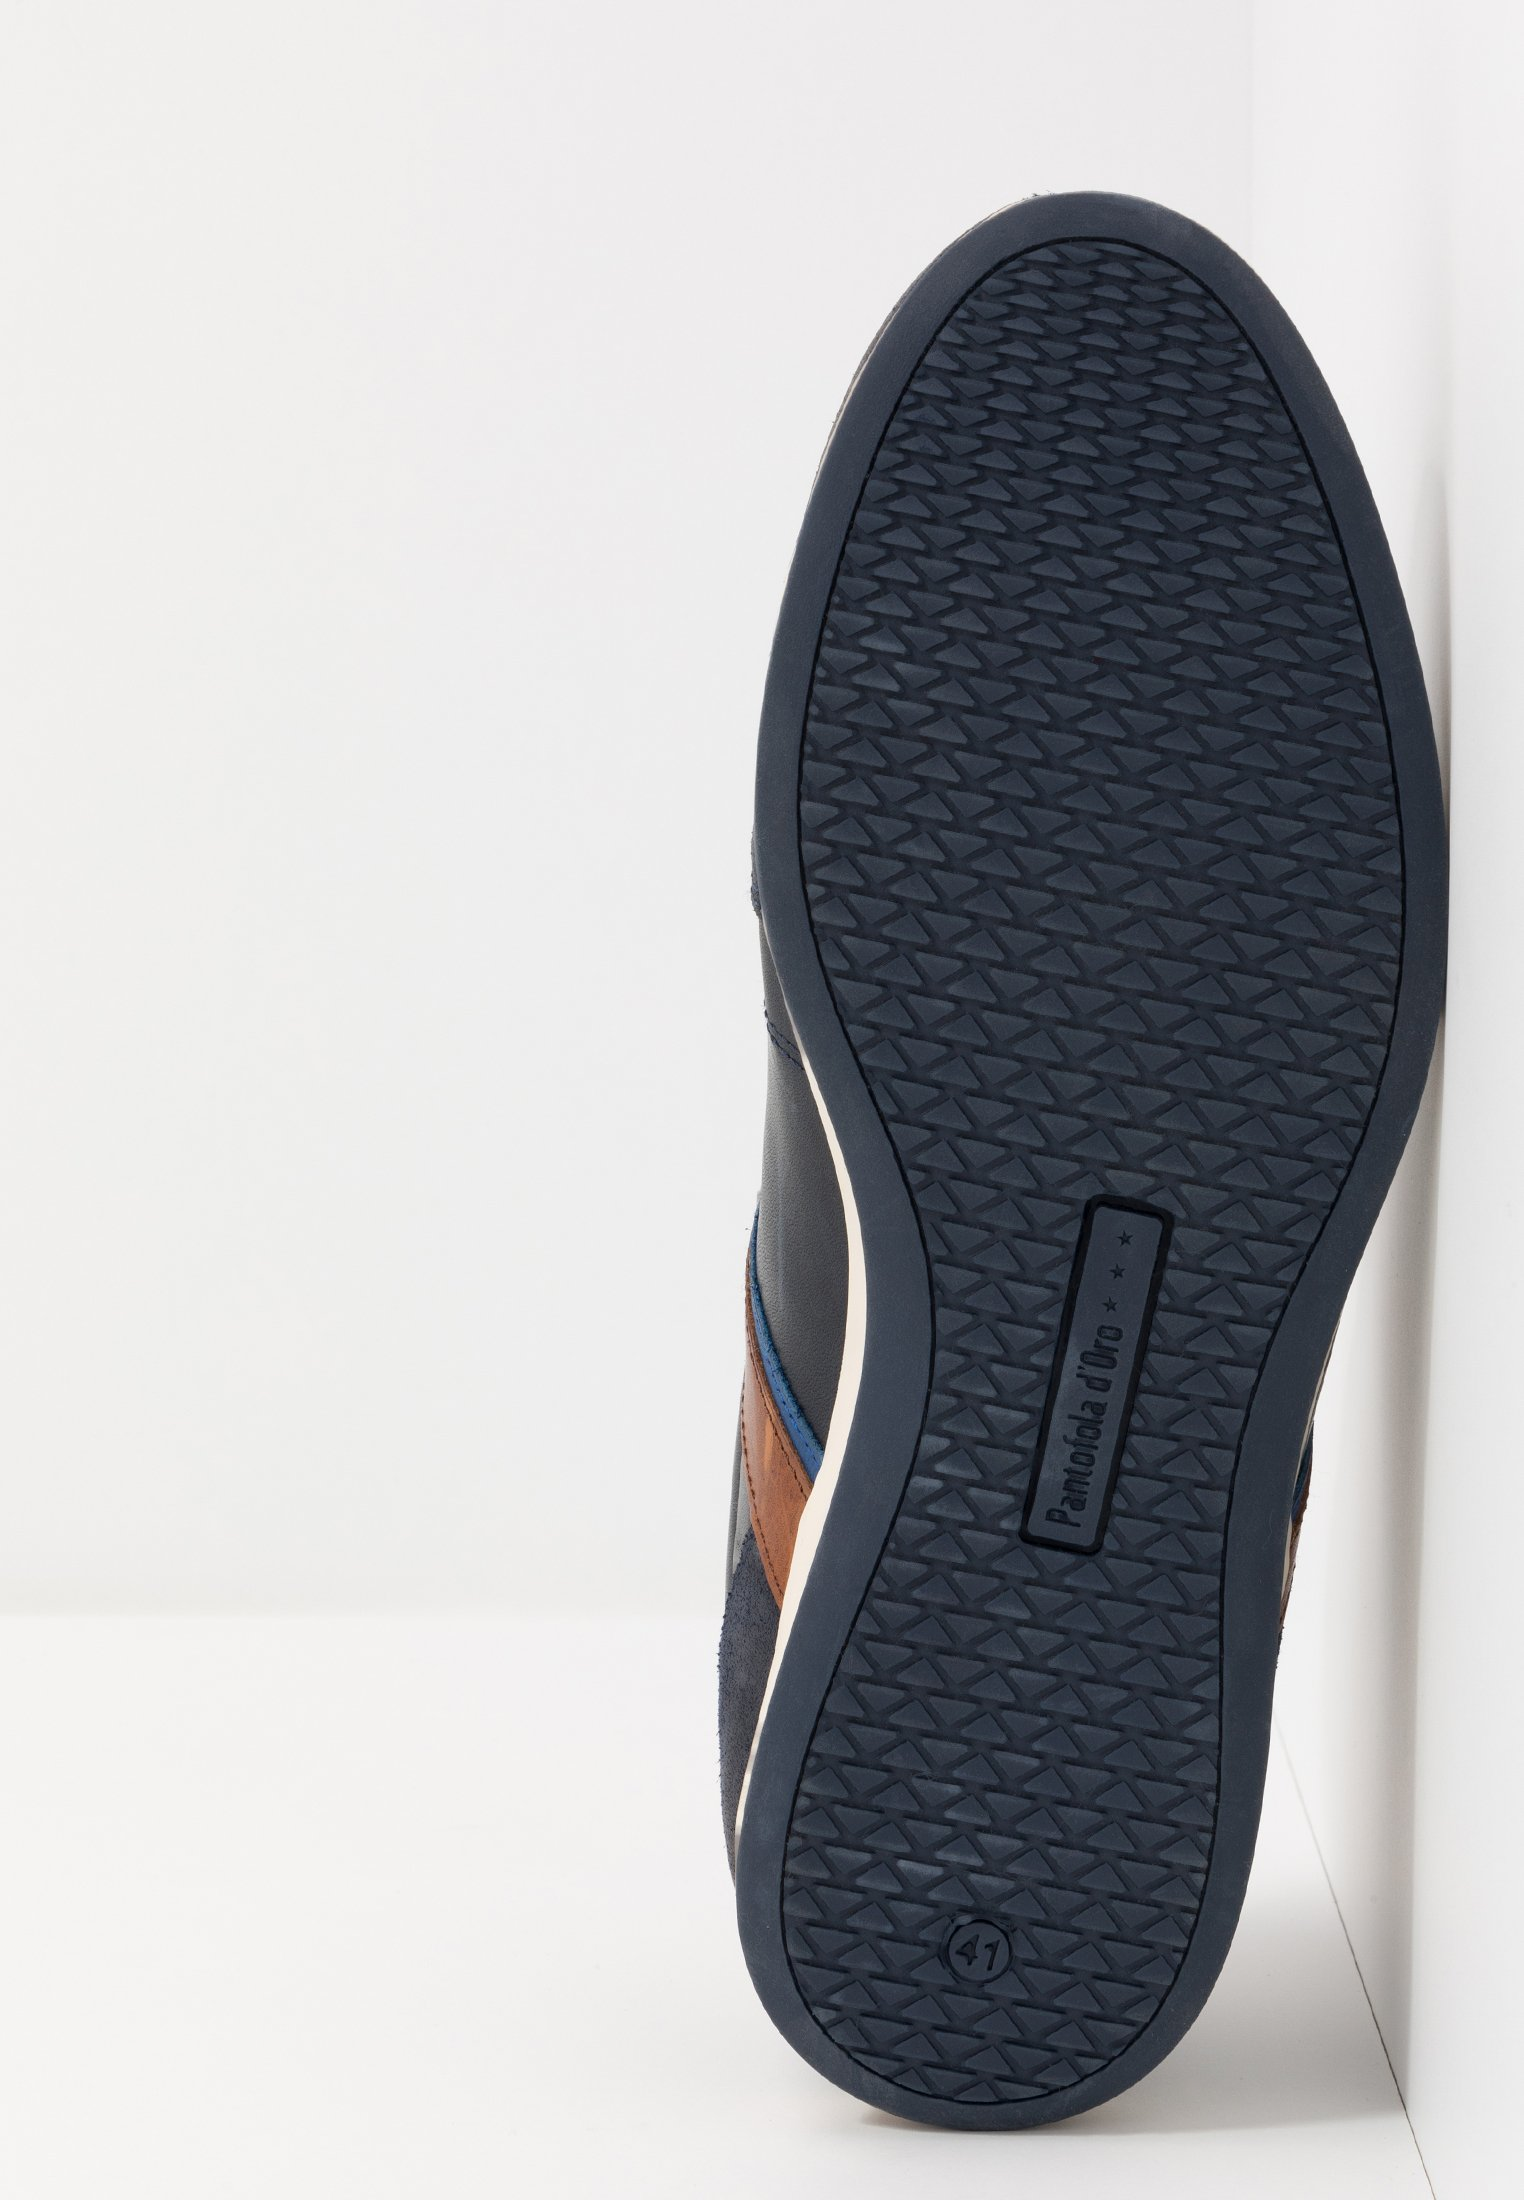 Pantofola D'oro Roma Uomo - Sneakers Dress Blues